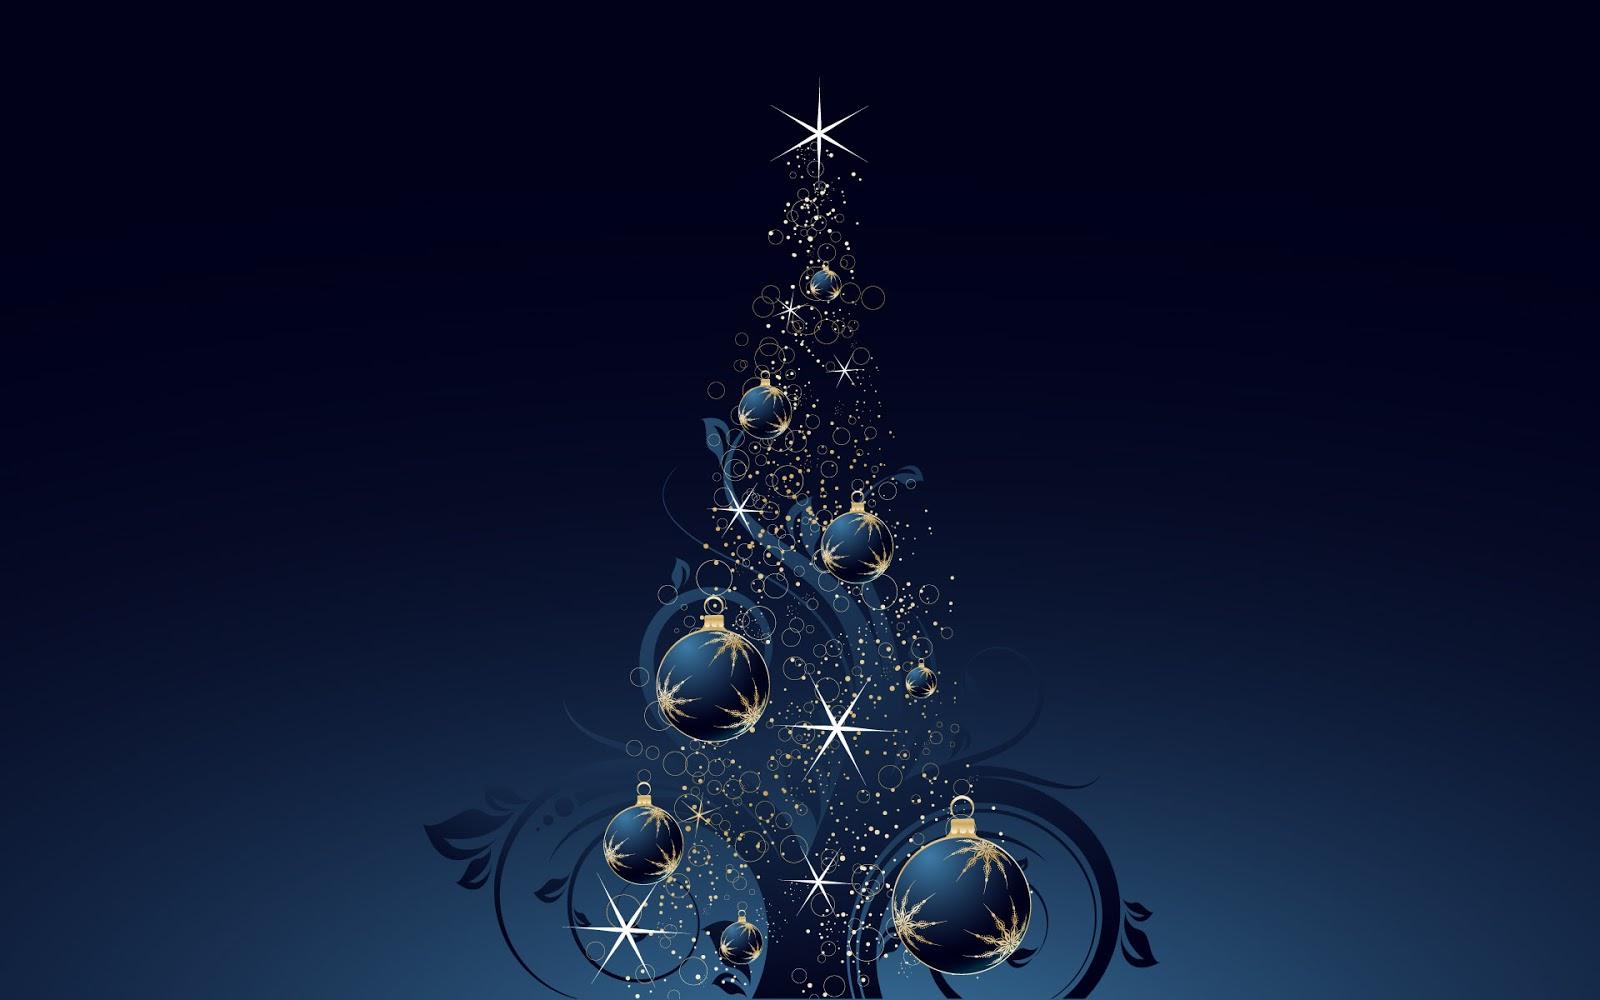 Wallpaper Categories Christmas  3d Hd Wallpapers